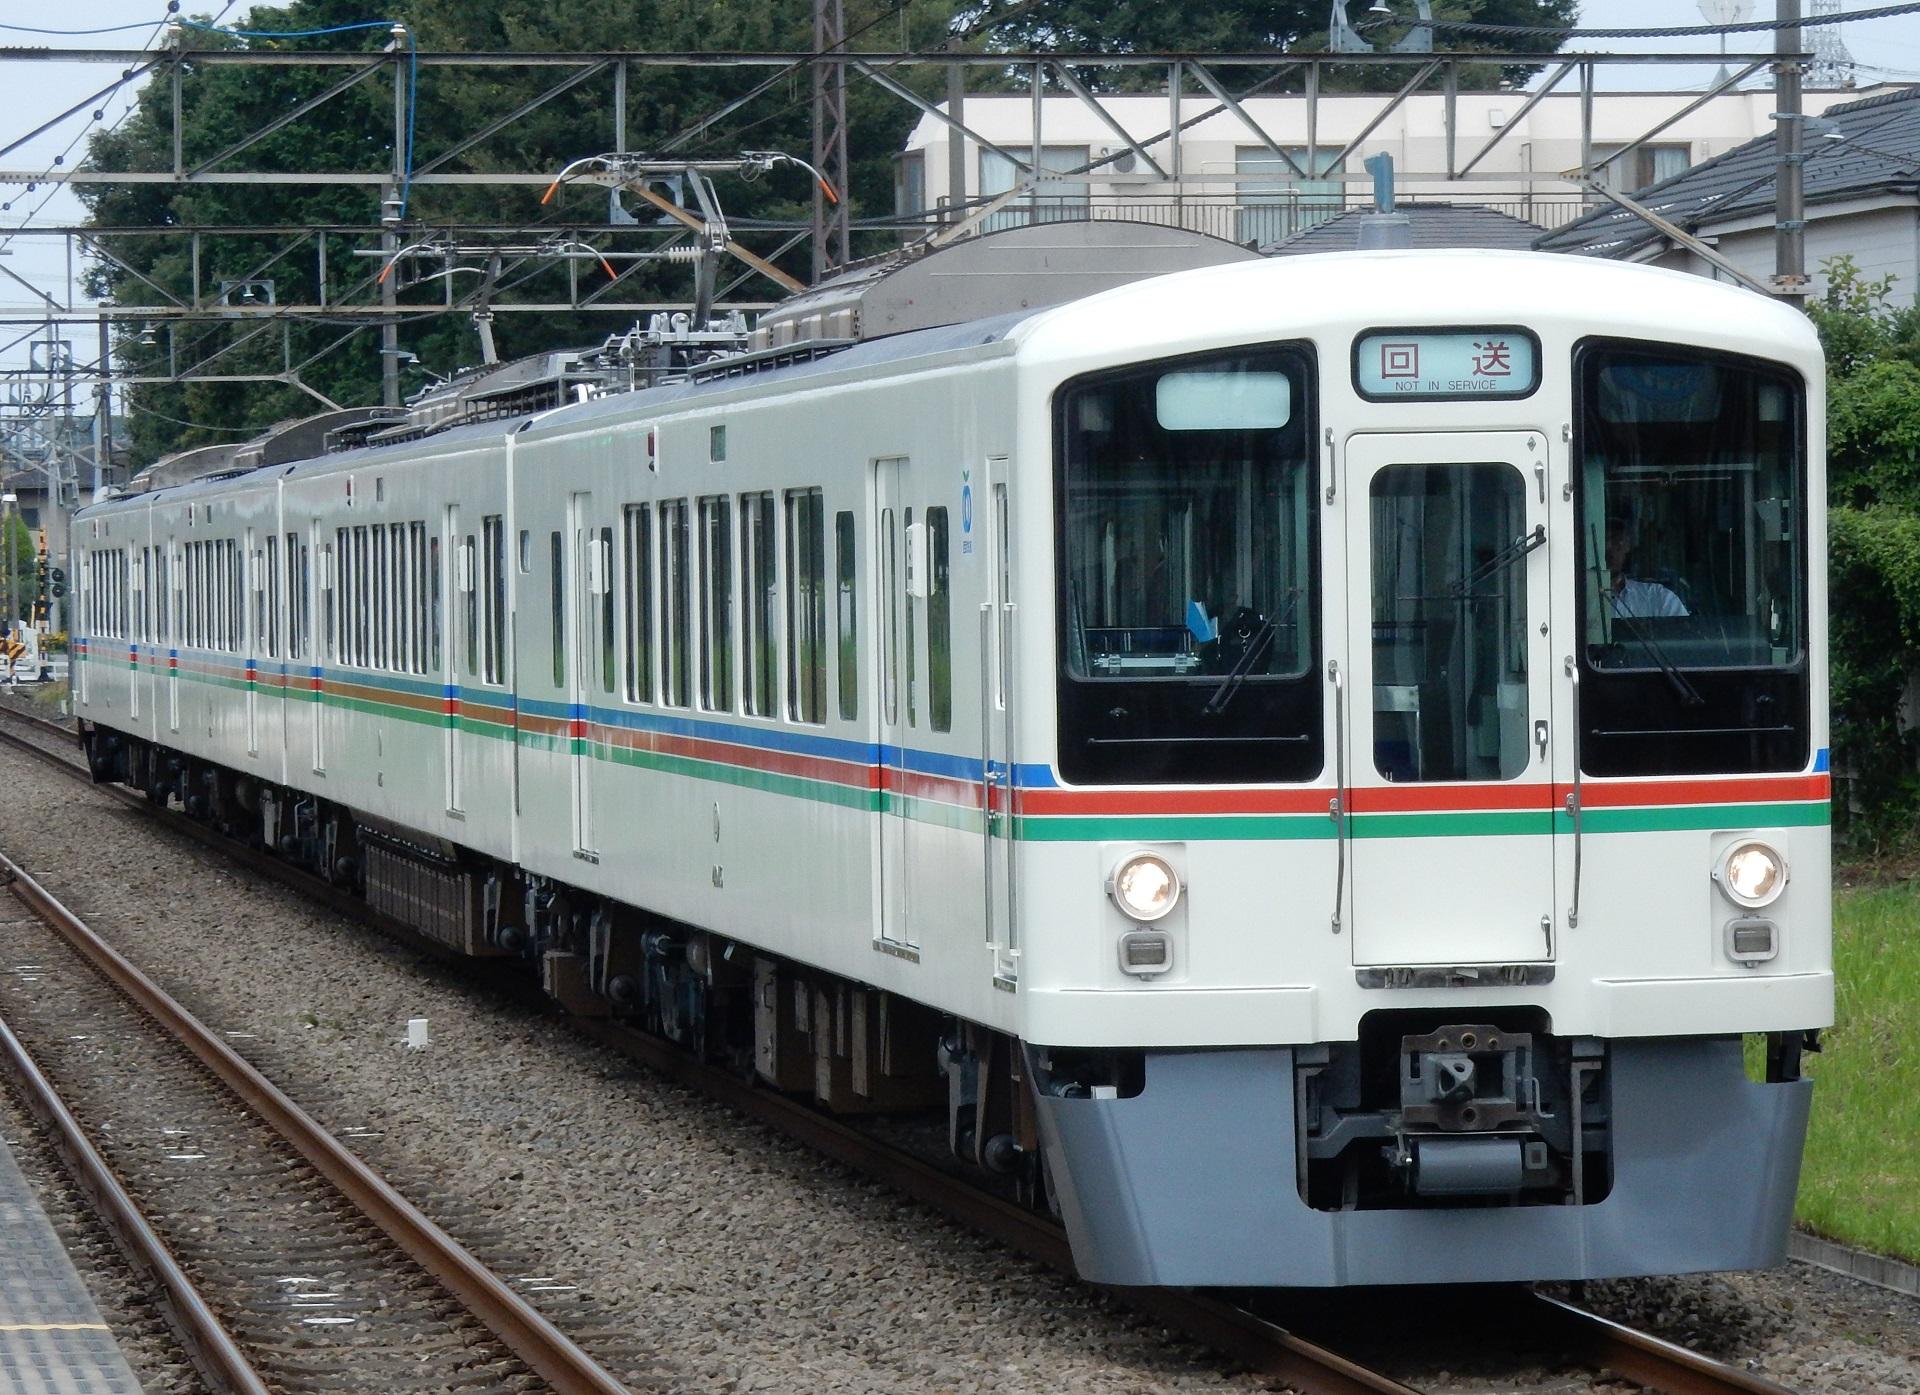 DSCN3551 - コピー